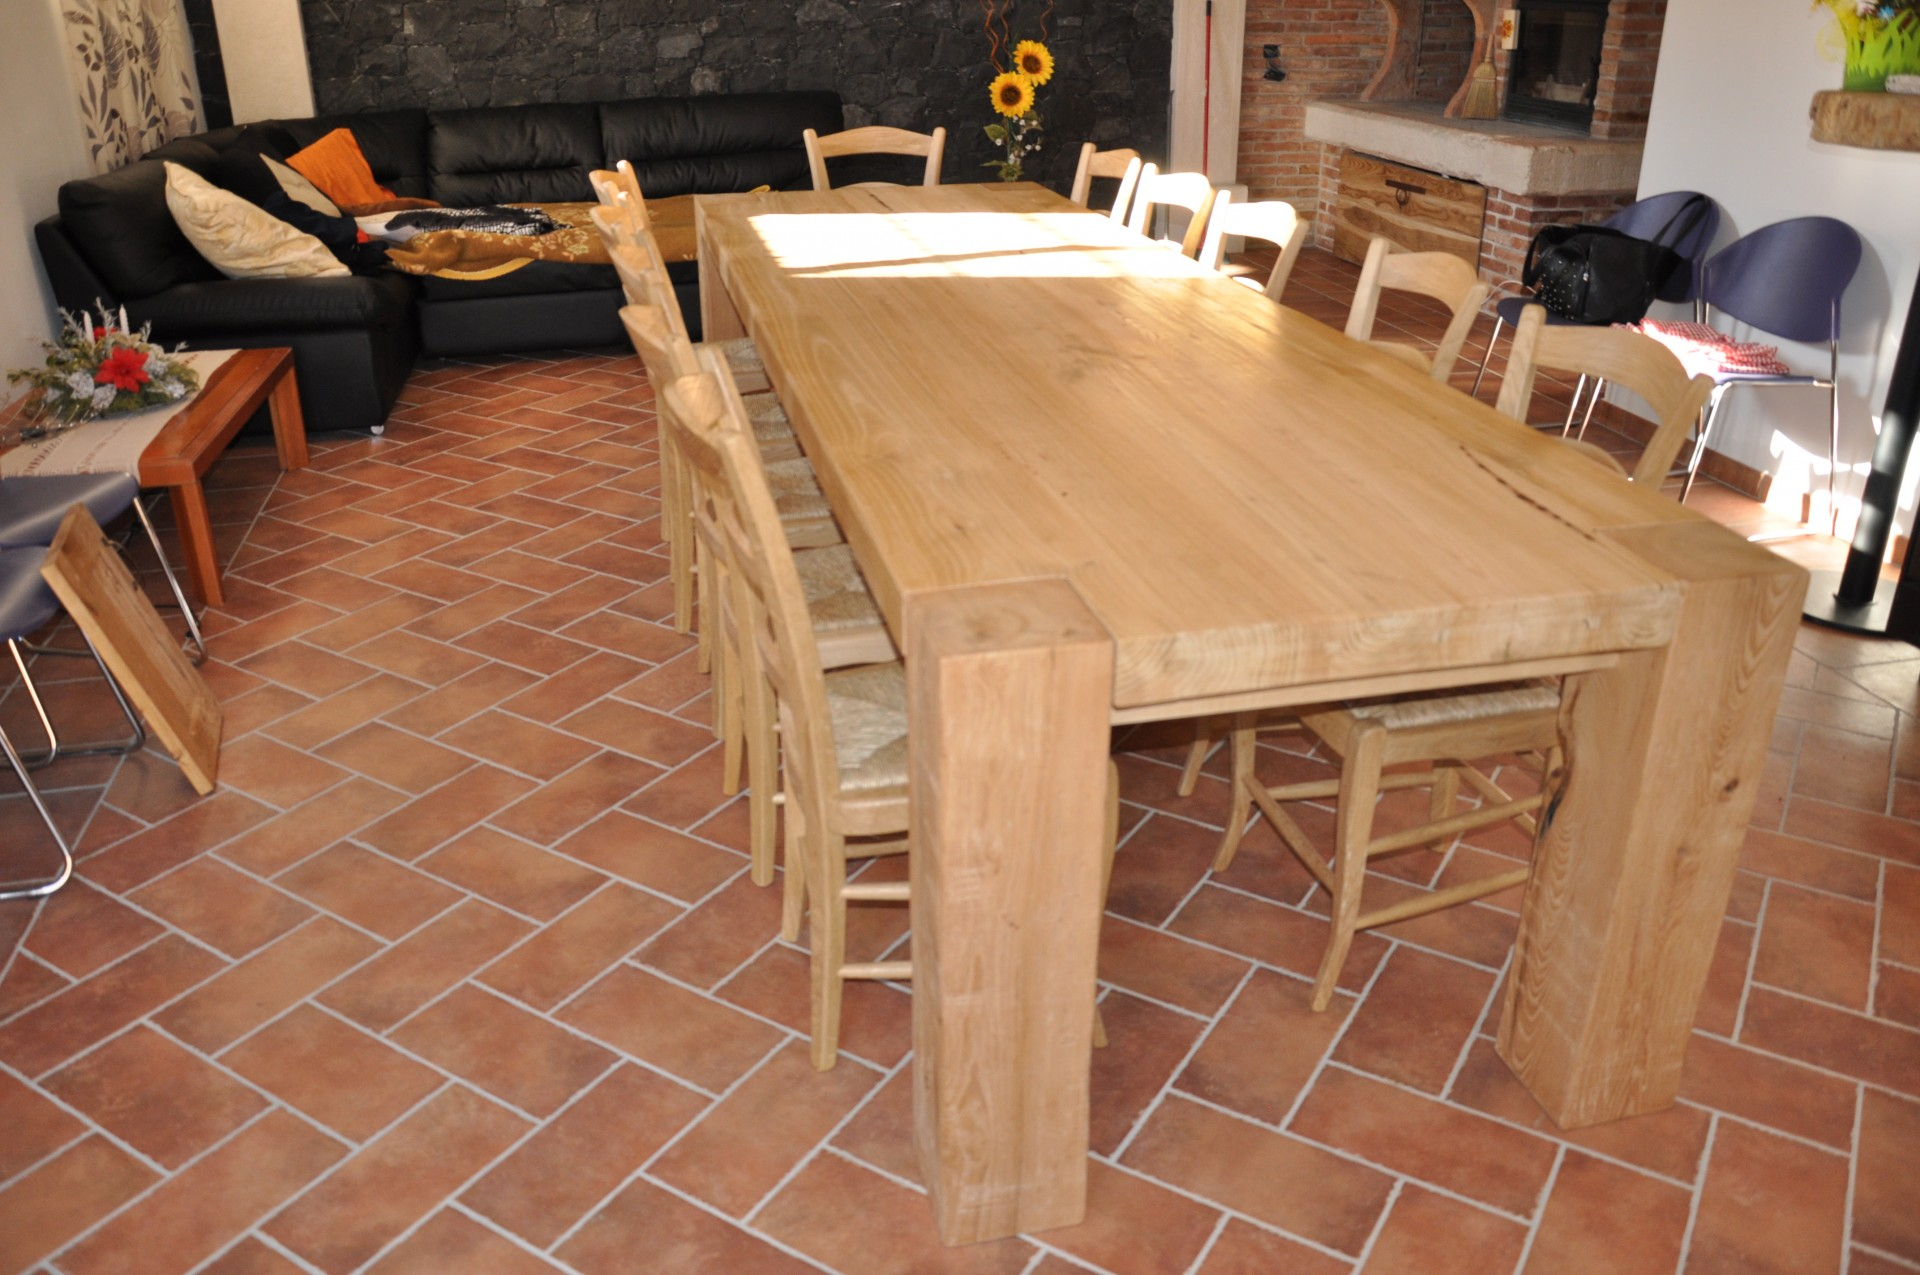 Tavoli in legno su misura fadini mobili cerea verona for Tavoli da giardino in legno rustici